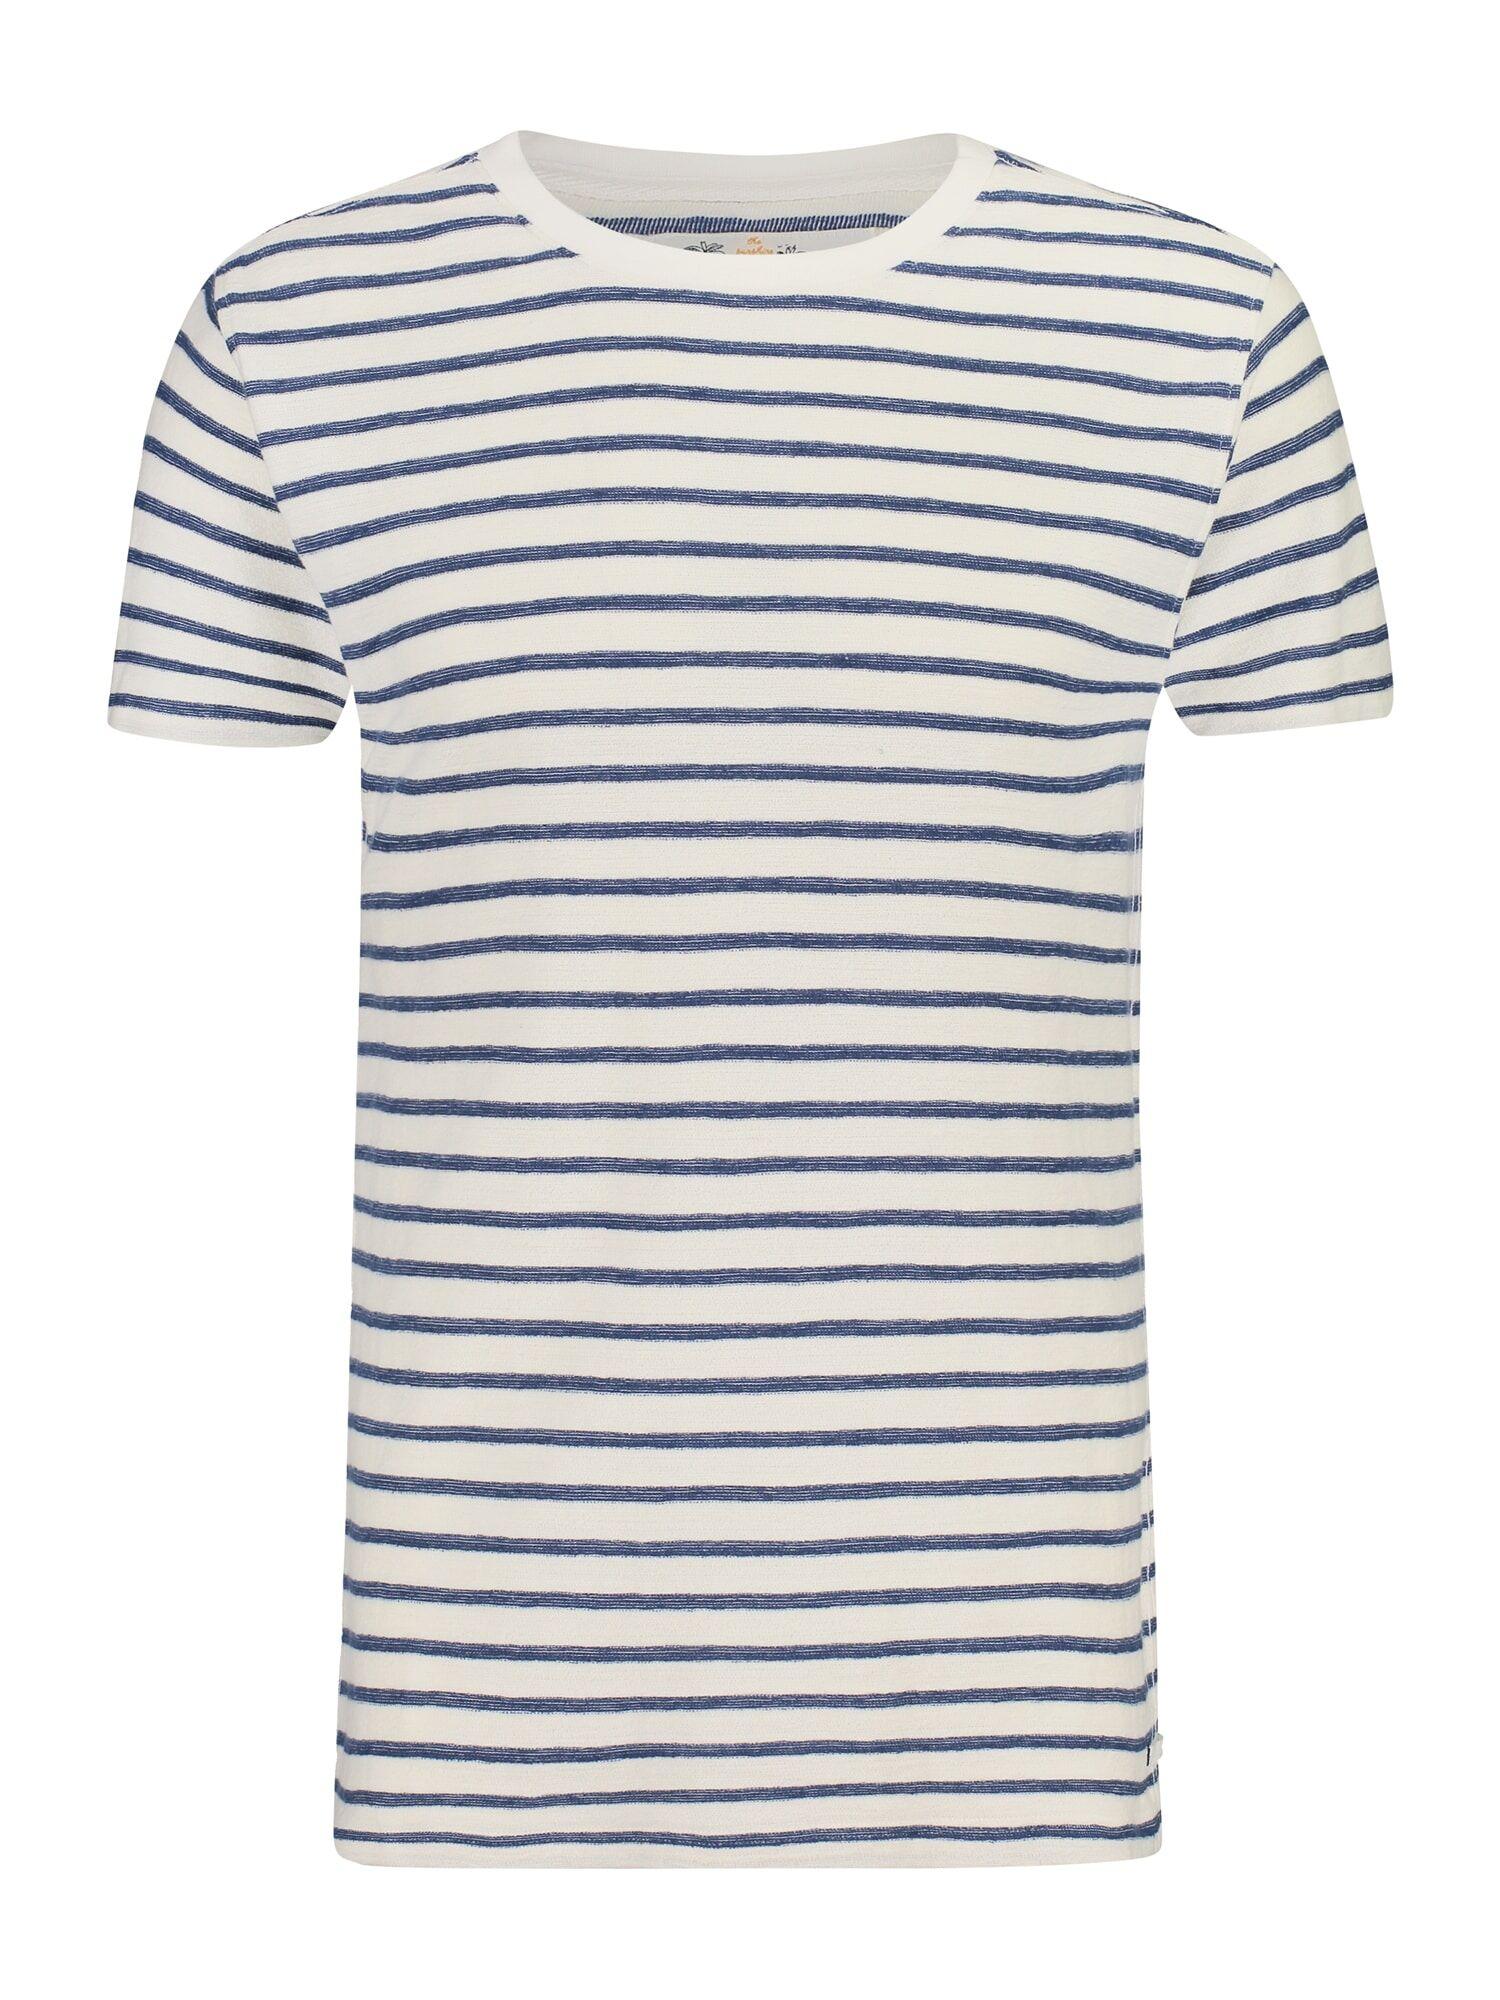 Shiwi T-Shirt 'Breton'  - Blanc - Taille: S - male